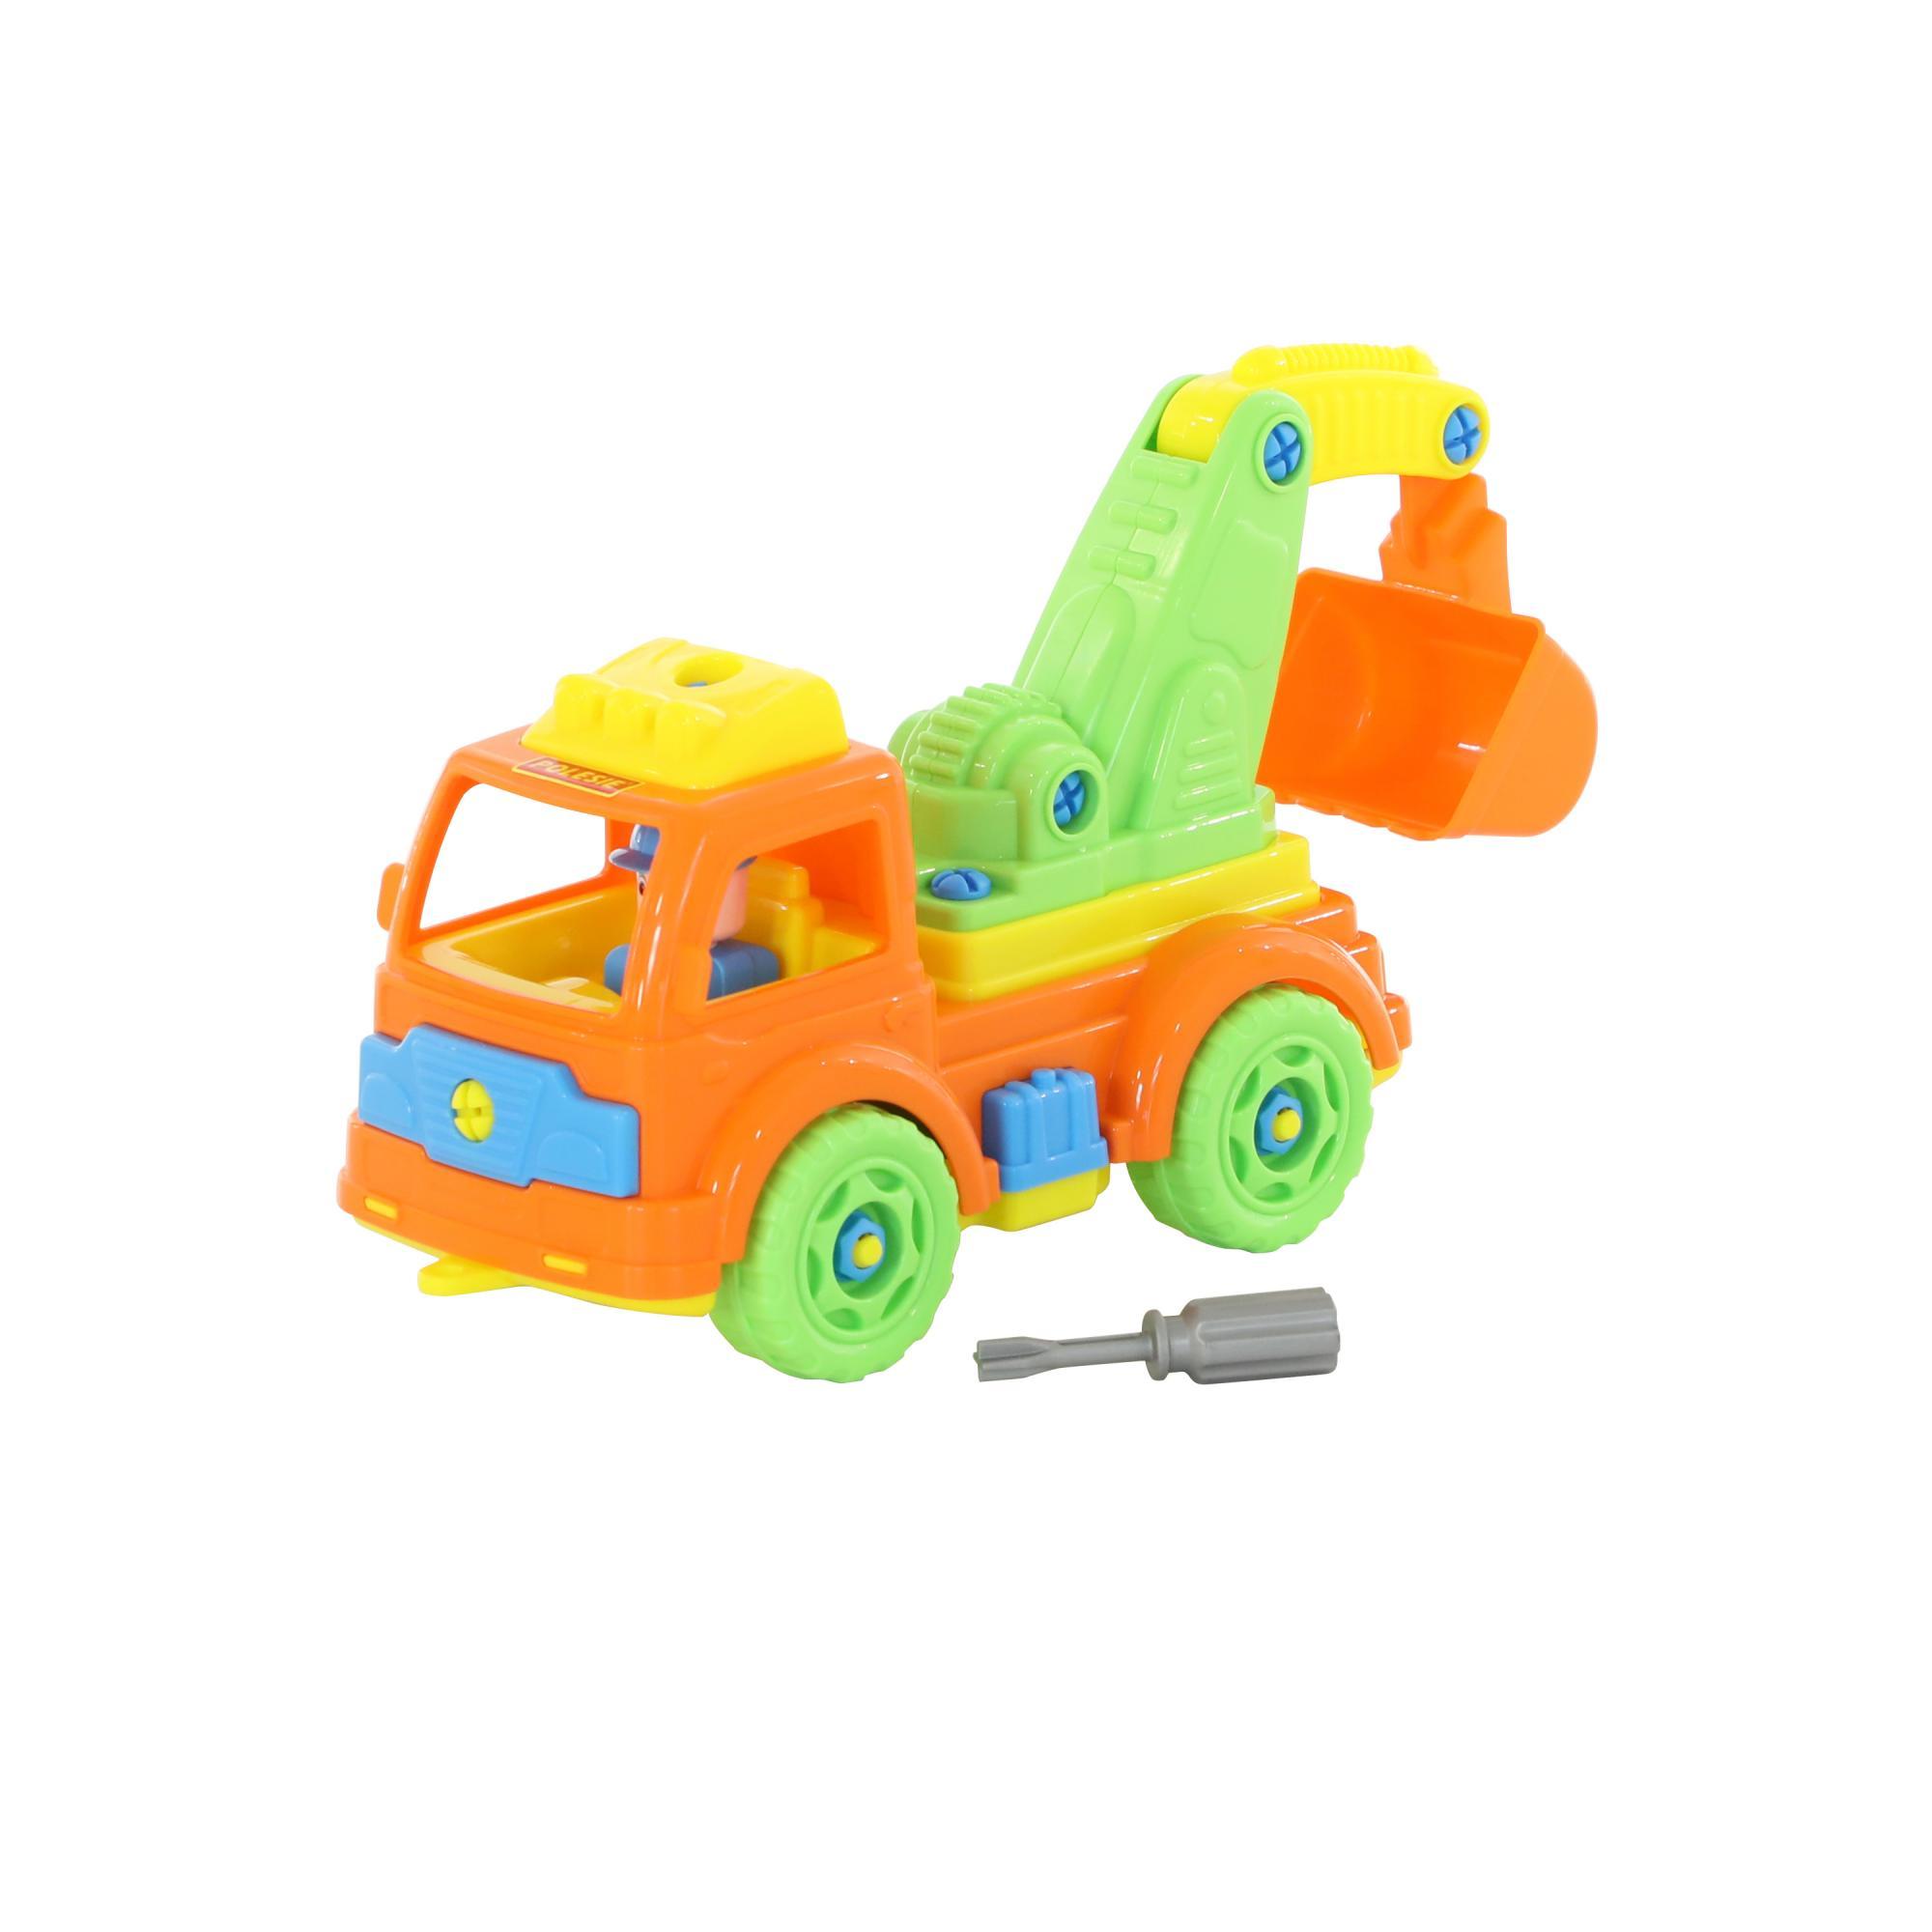 Купить ПОЛЕСЬЕ Конструктор-транспорт Автомобиль-экскаватор (в сеточке) 73044, Полесье, Строительная техника